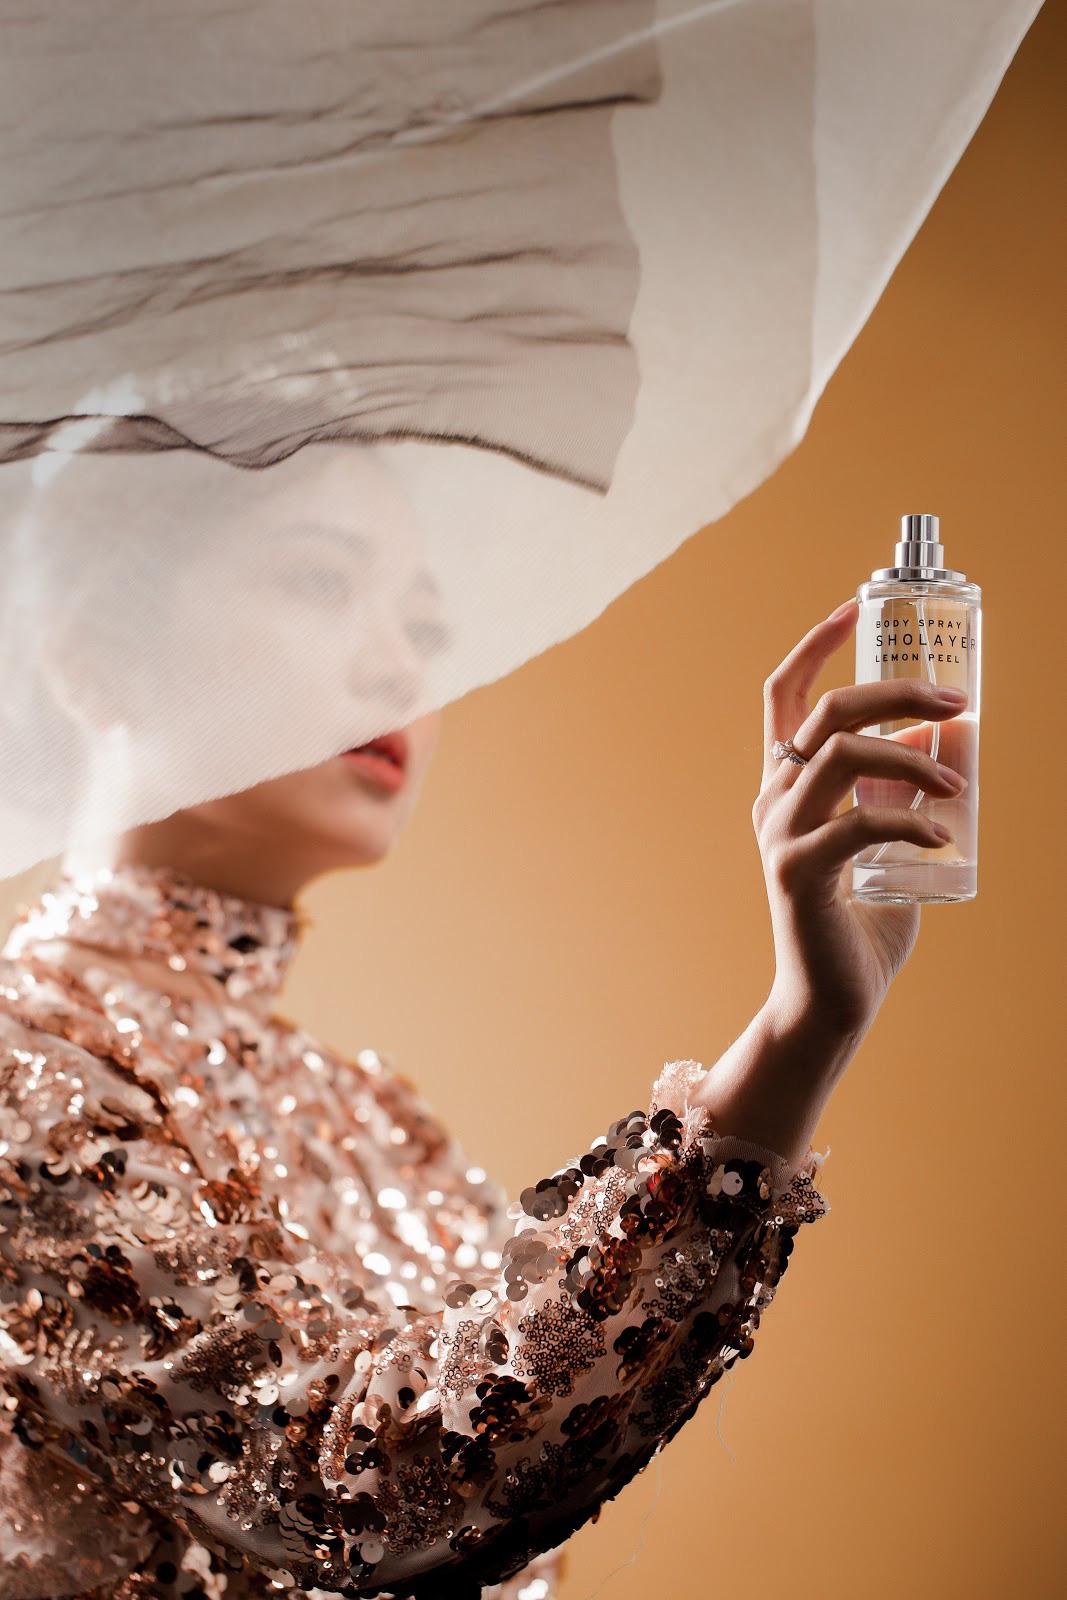 Học lỏm hội beauty blogger trend mới: Chọn mùi hương nước hoa tinh tế lại cực chill mùa Valentine - Hình 7